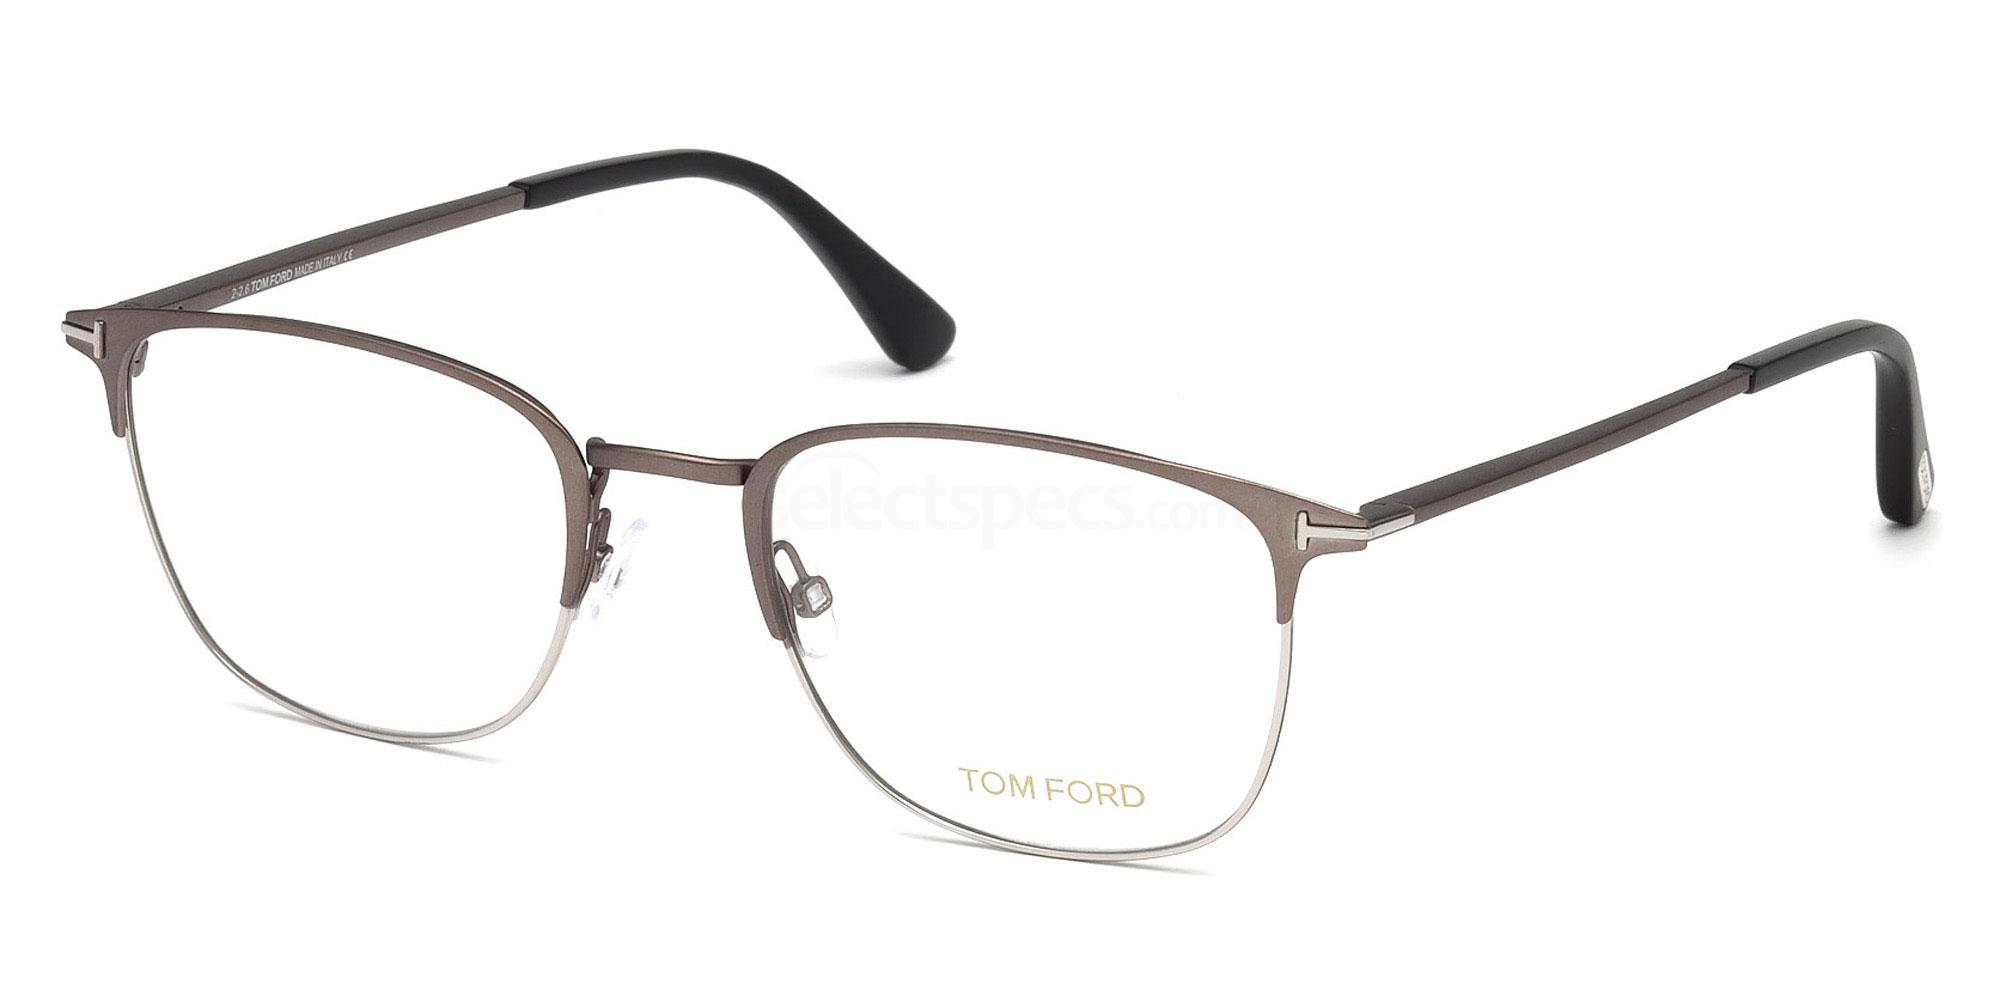 013 FT5453 Glasses, Tom Ford